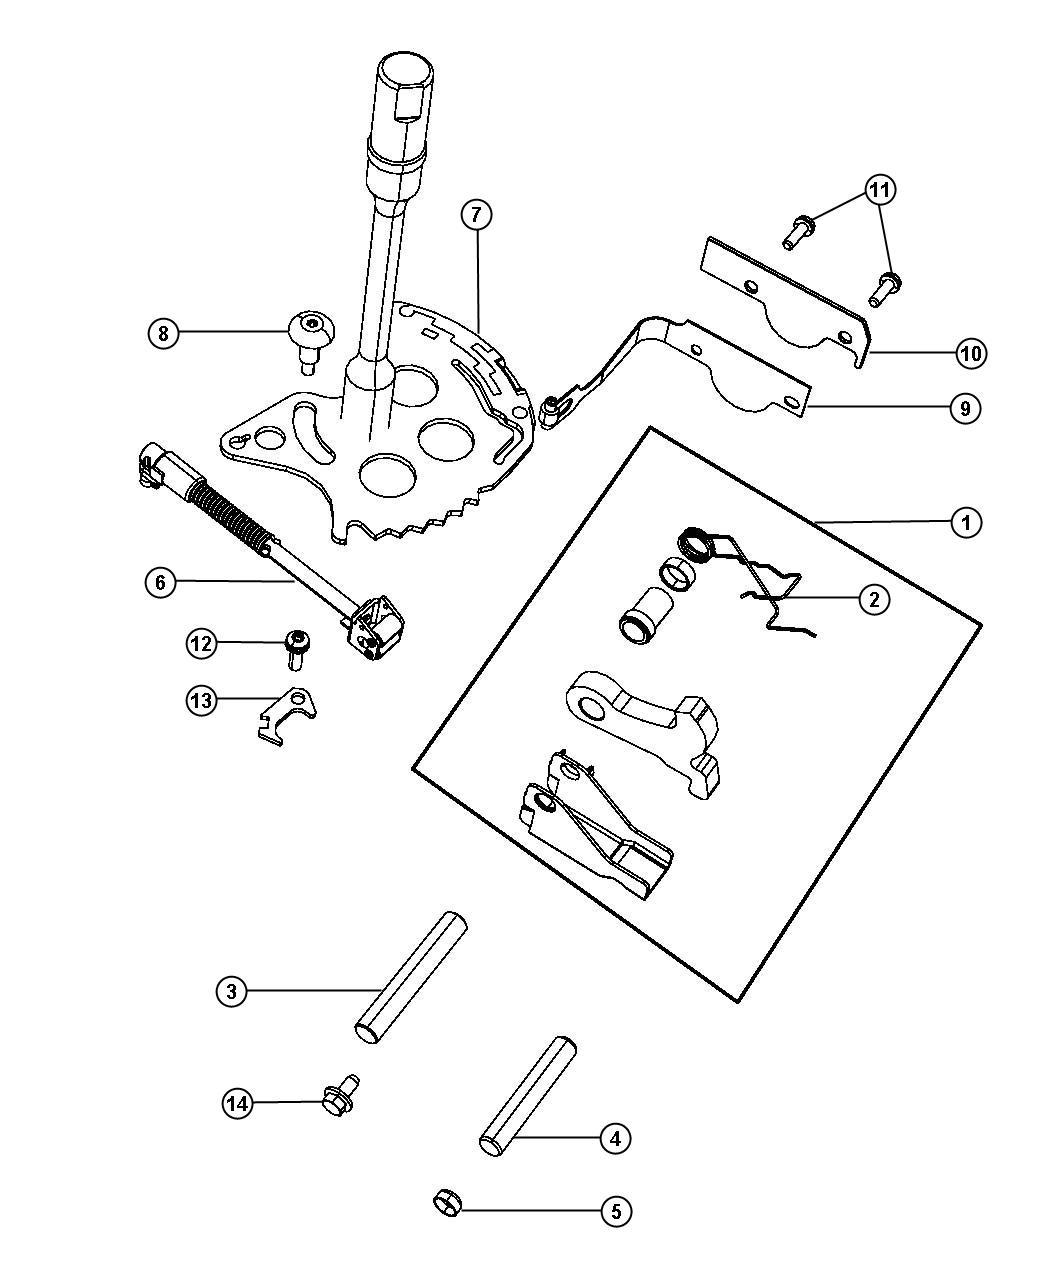 42rle Diagram Parts